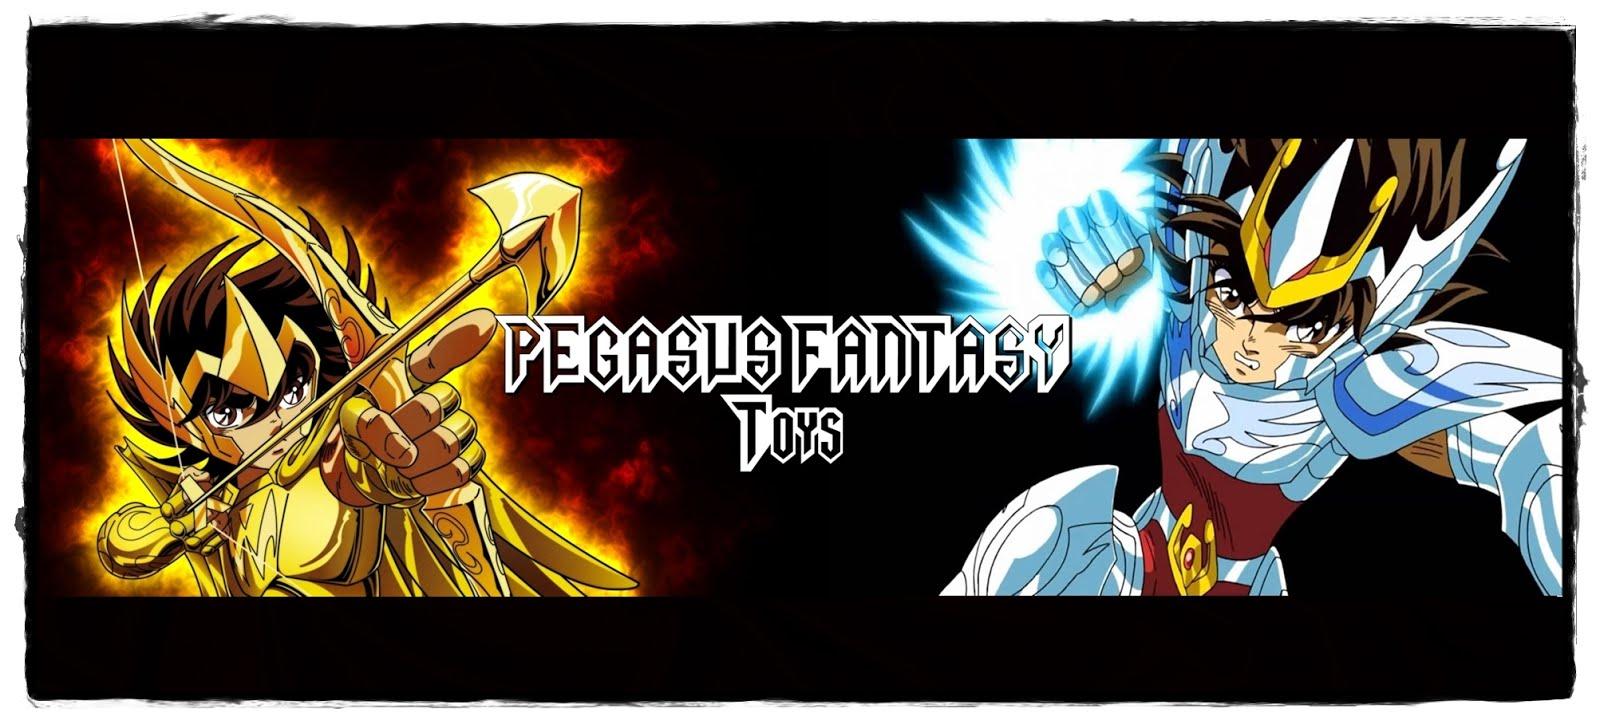 PEGASUS FANTASY TOYS